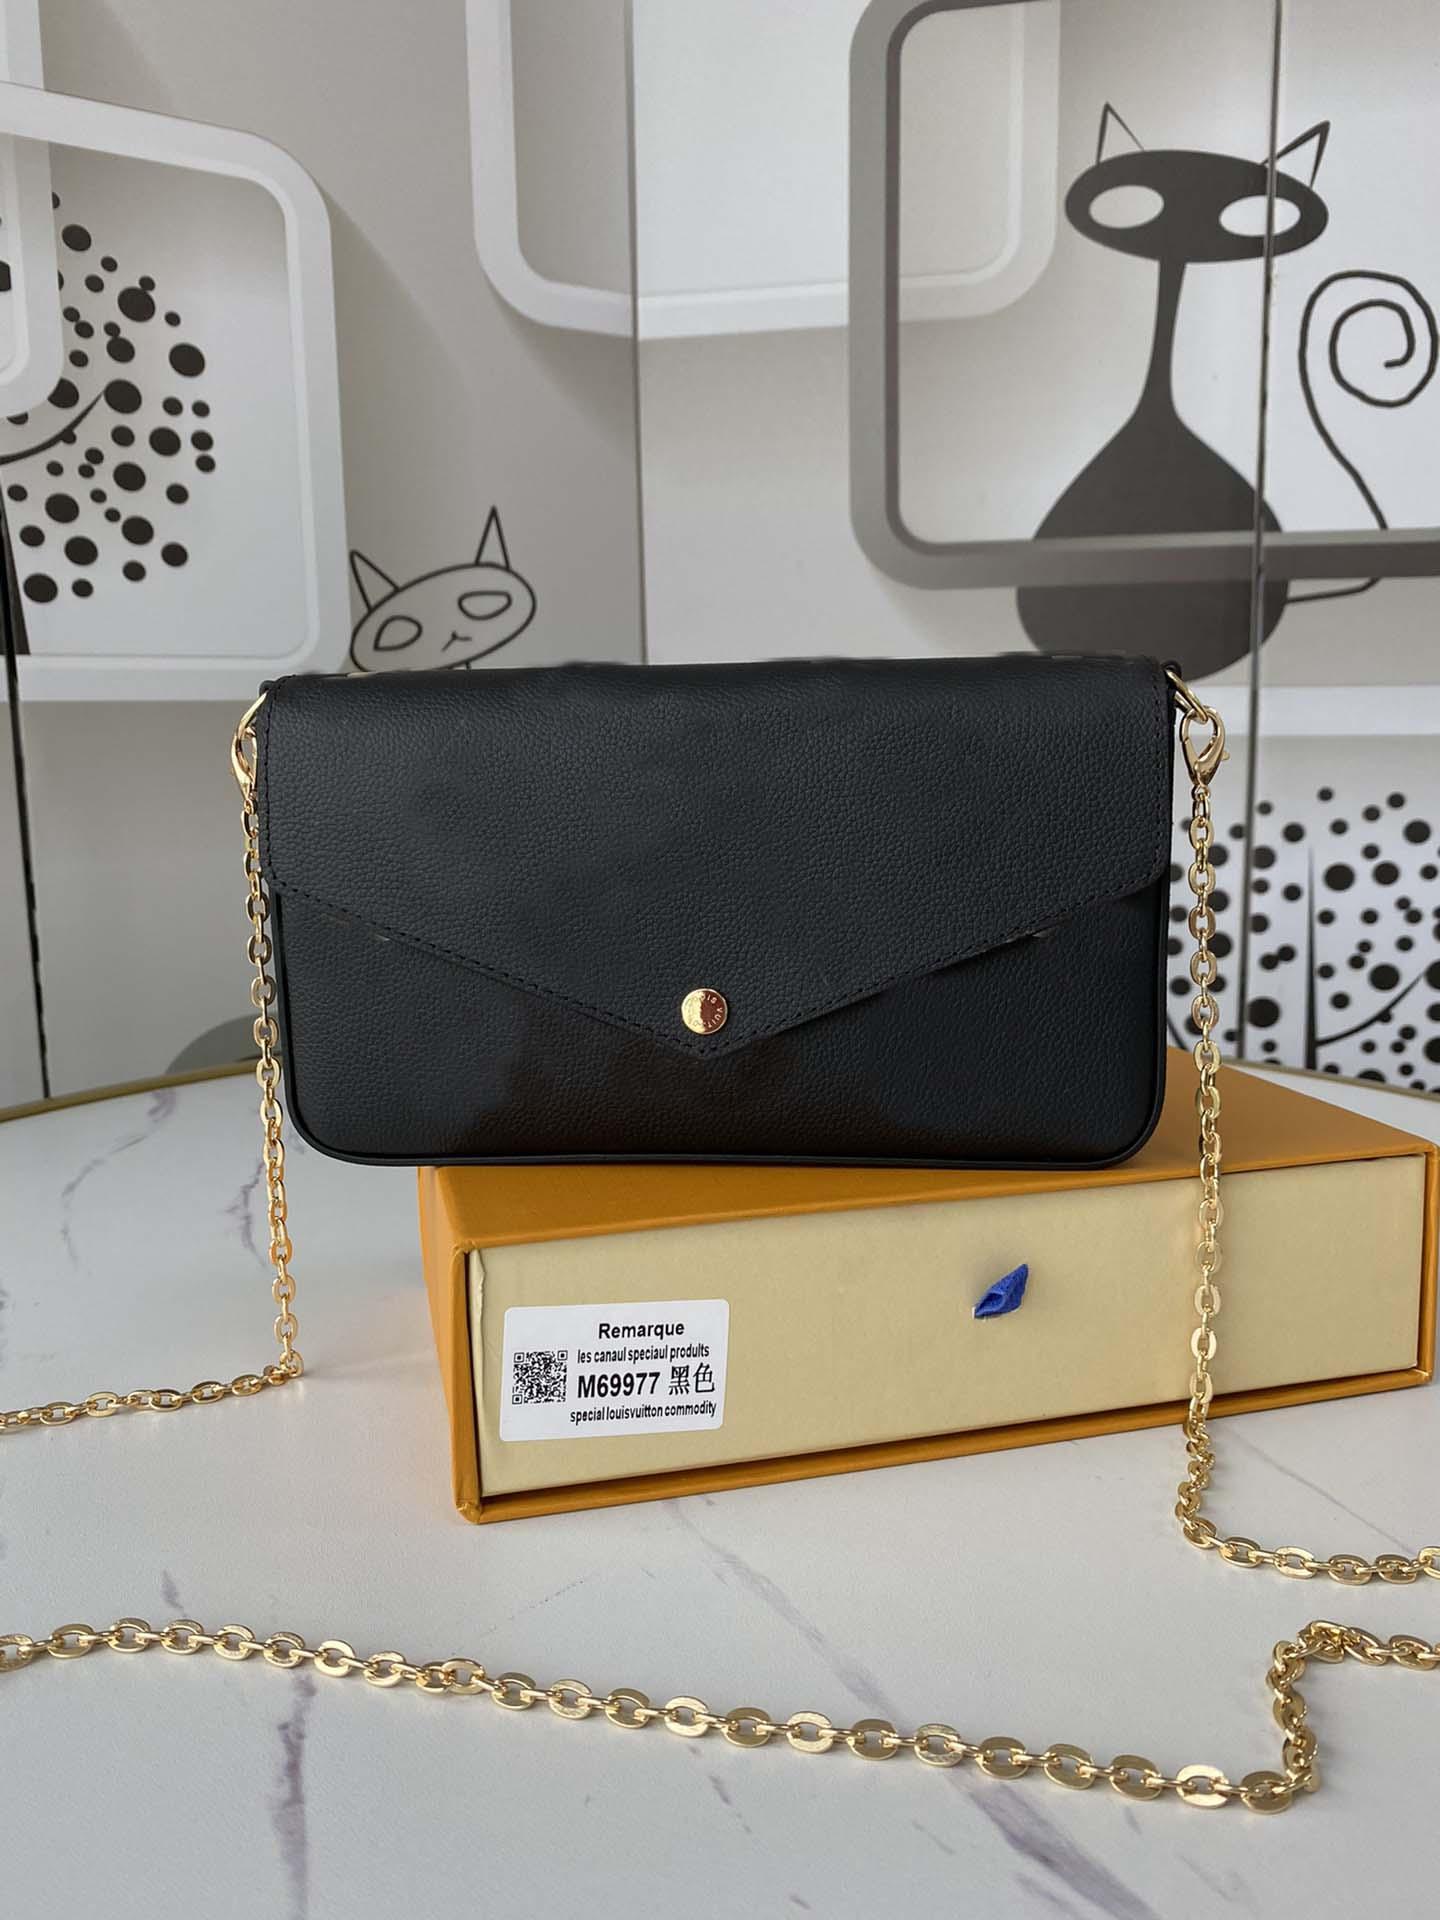 Hohe Qualität 2021 Modedesigner Luxus Handtaschen Geldbörsen Tasche Frauen Marke Klassische Art Echtes Leder Umhängetaschen